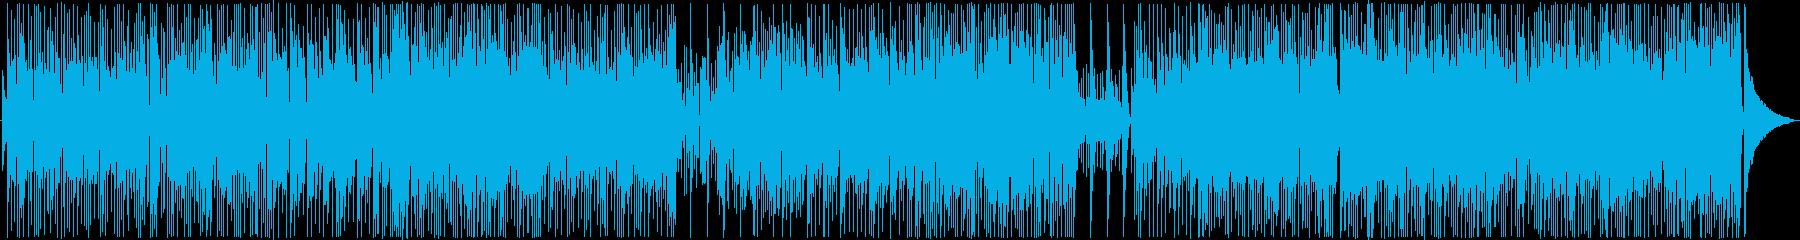 ギブミー・チョコレイトの再生済みの波形